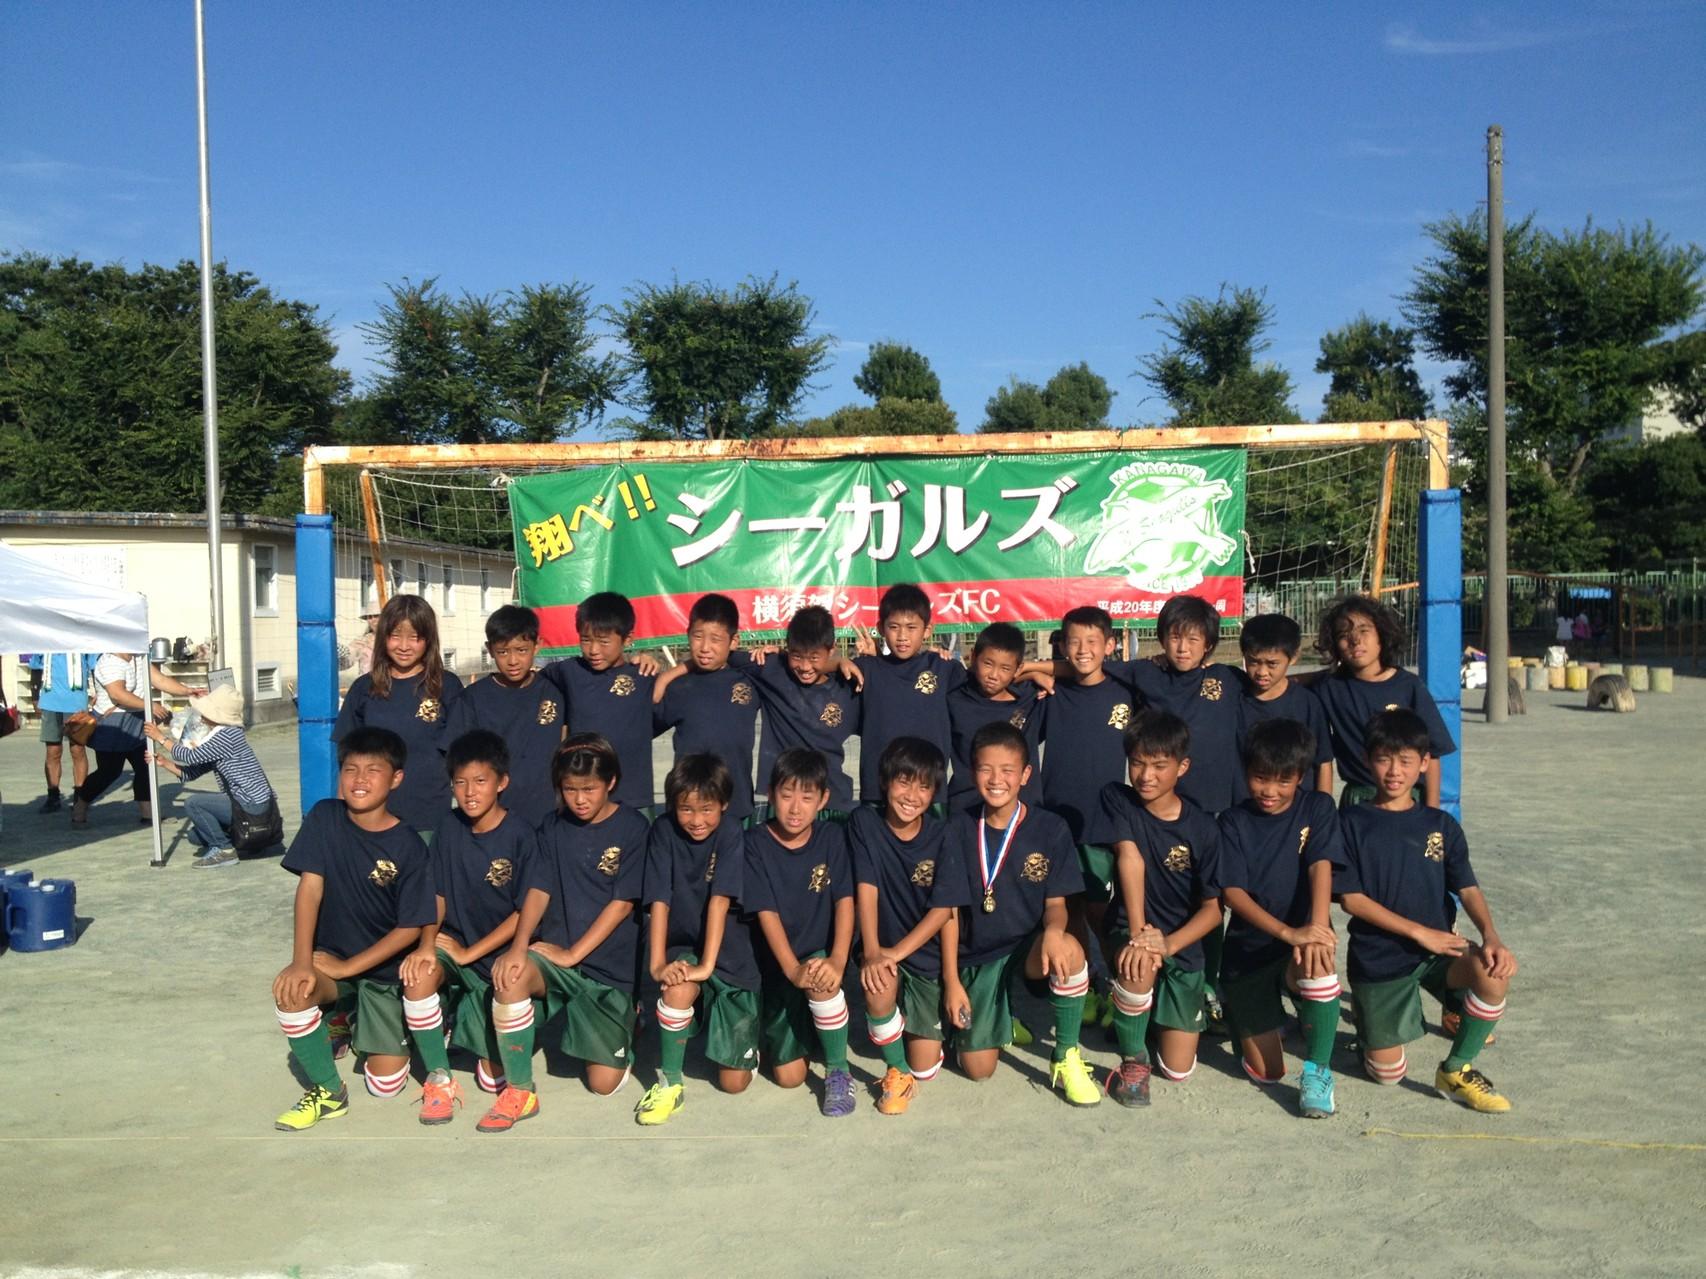 かもめ杯 U-12(6年生)